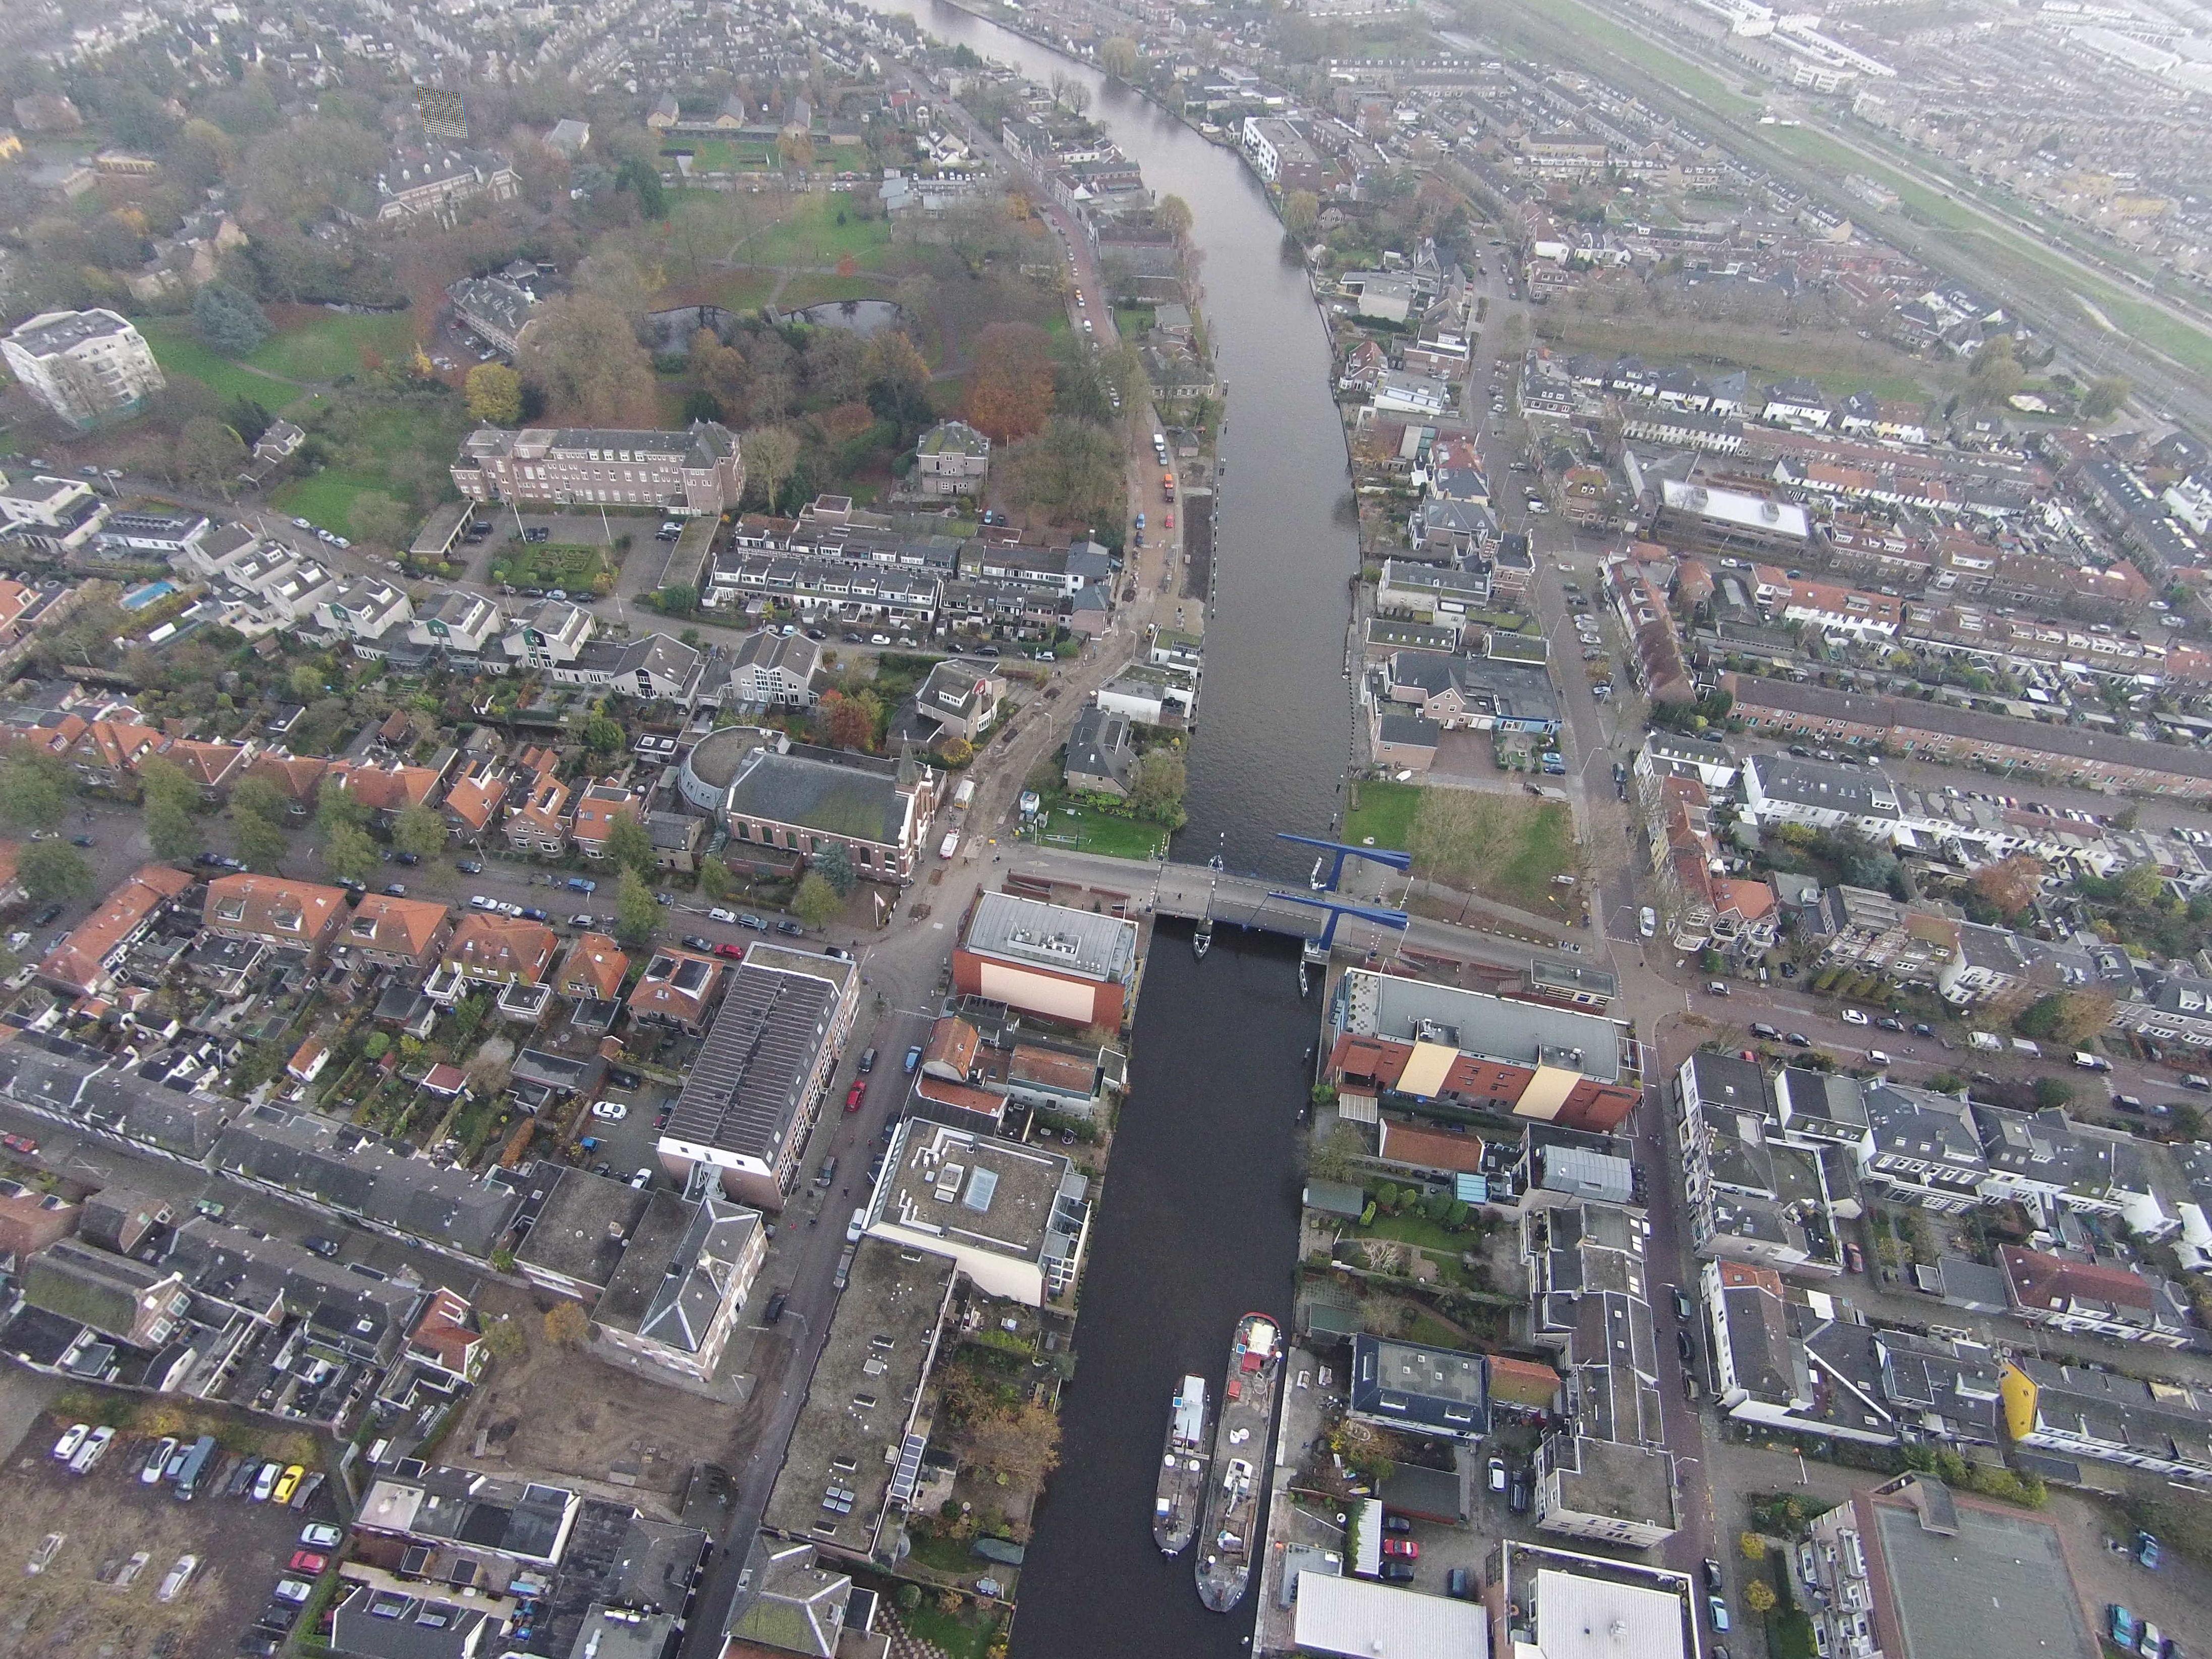 Uitzicht op de swaenswijkbrug luchtfotos - Uitzicht op de tuinman ...